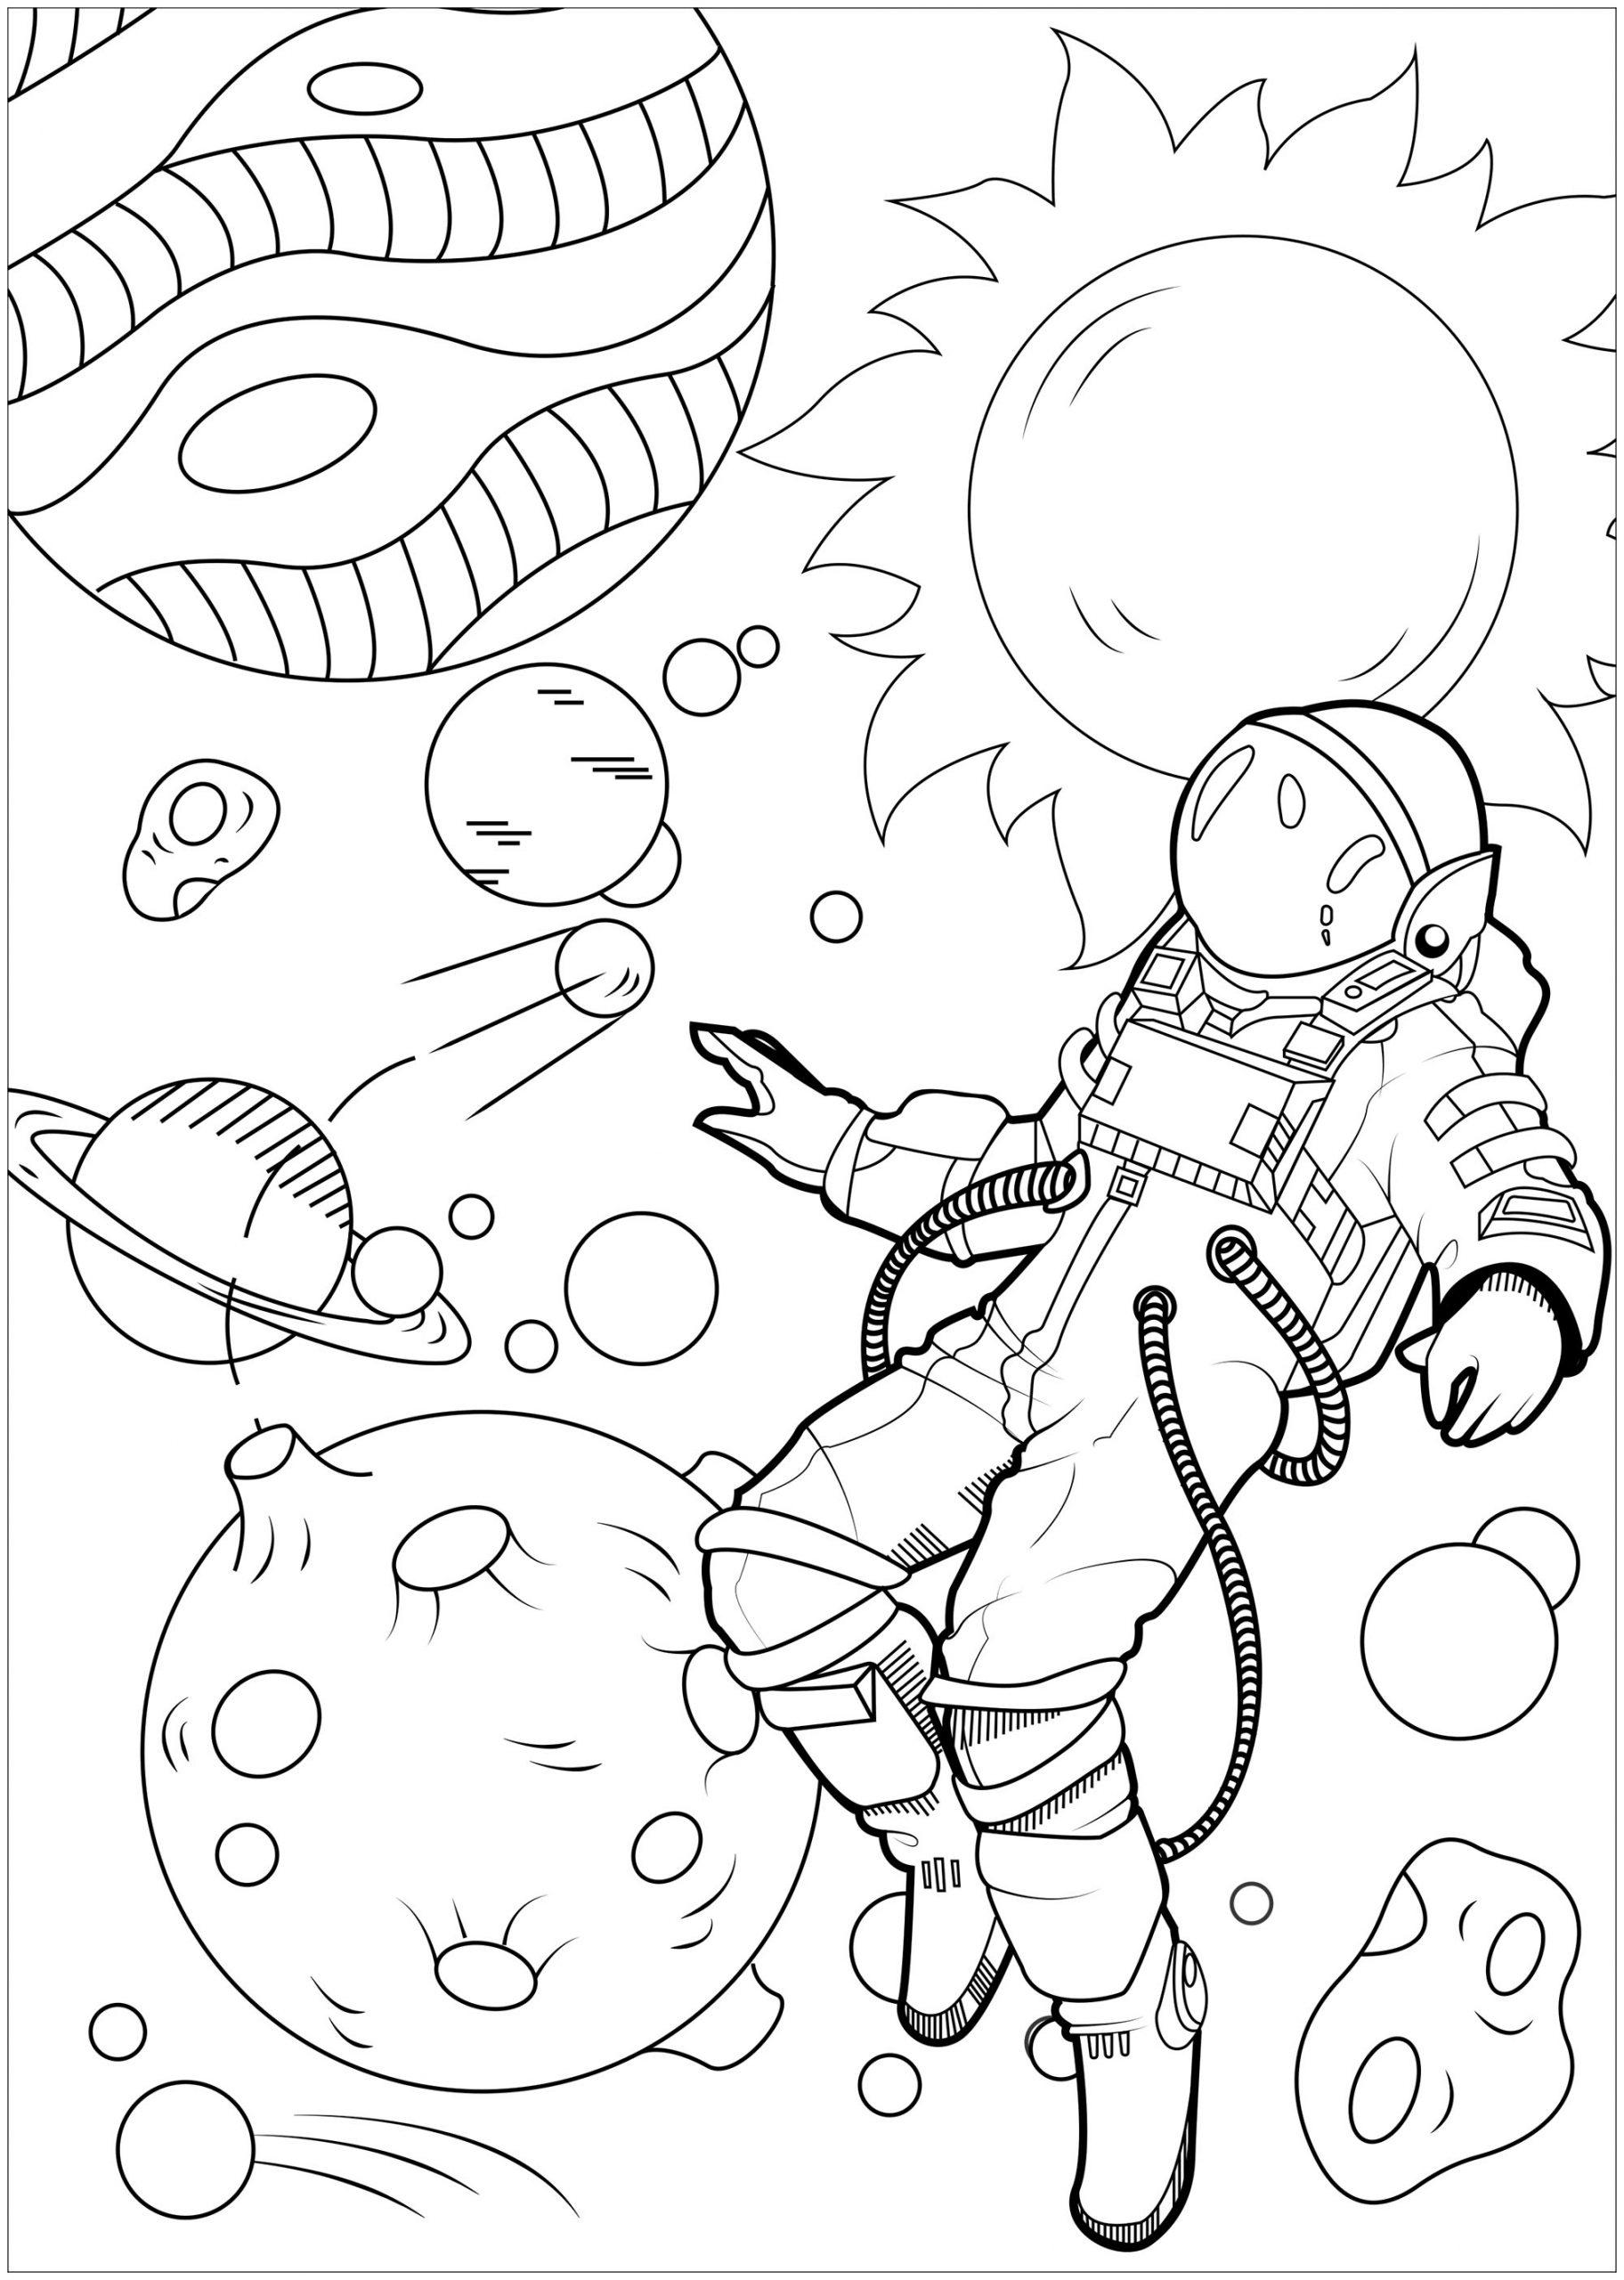 En Apesanteur - Inclassables - Coloriages Difficiles Pour pour Coloriage Astronaute